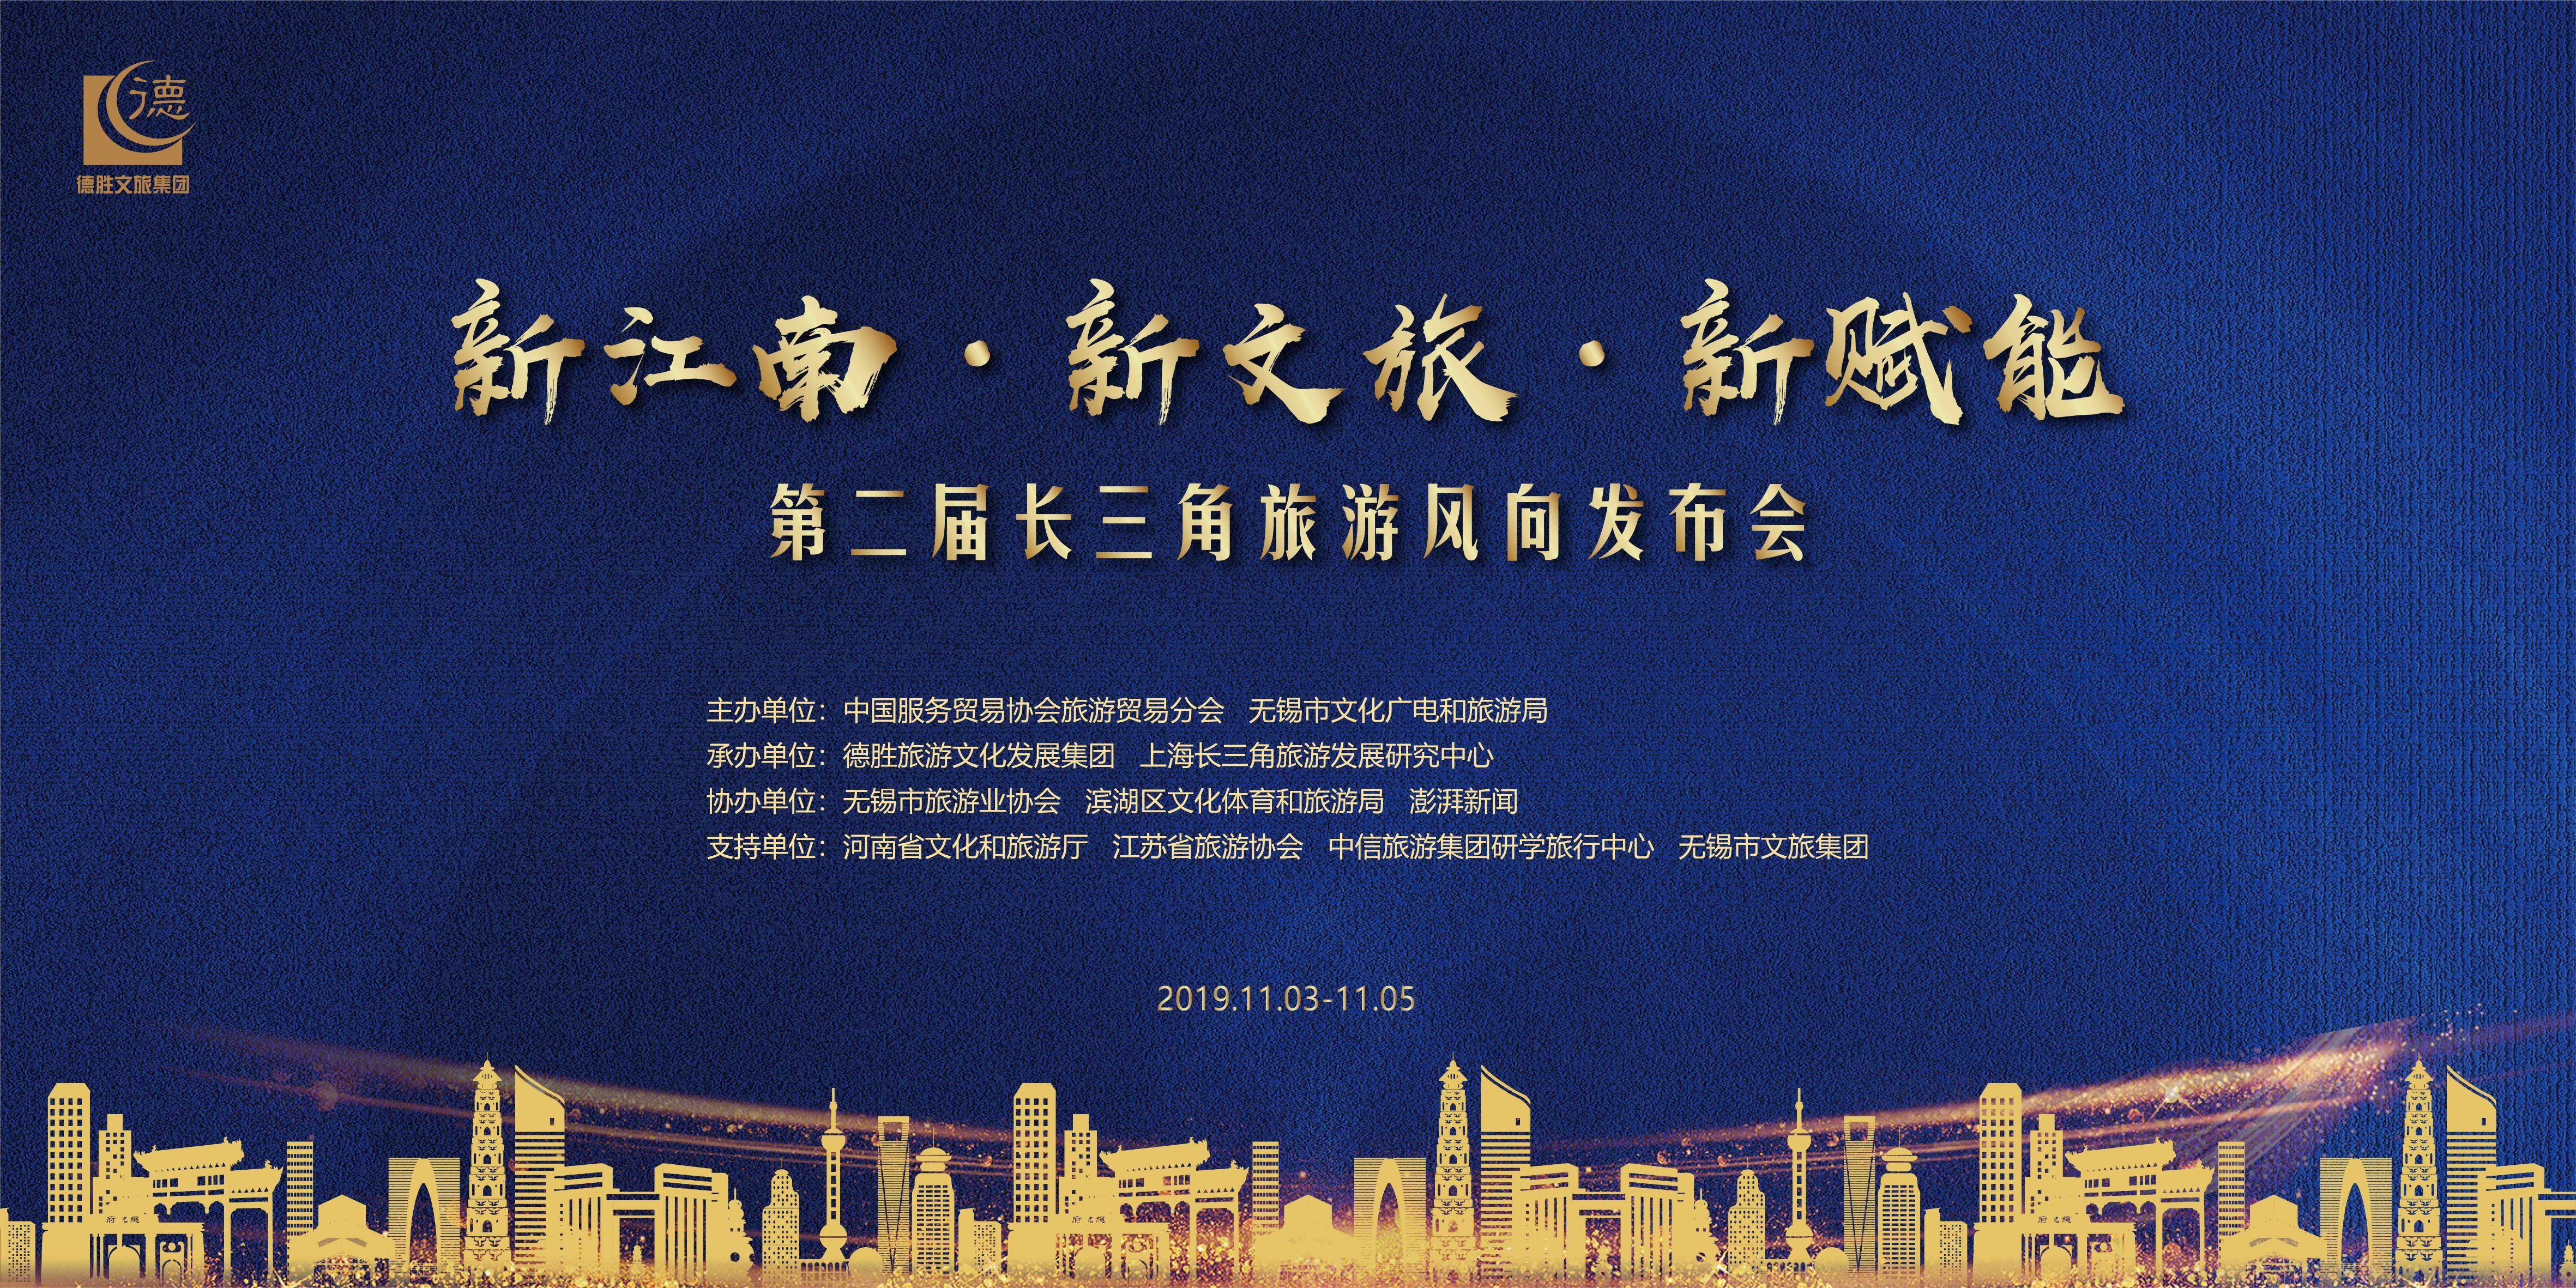 第二届长三角旅游风向发布会将在江苏无锡召开